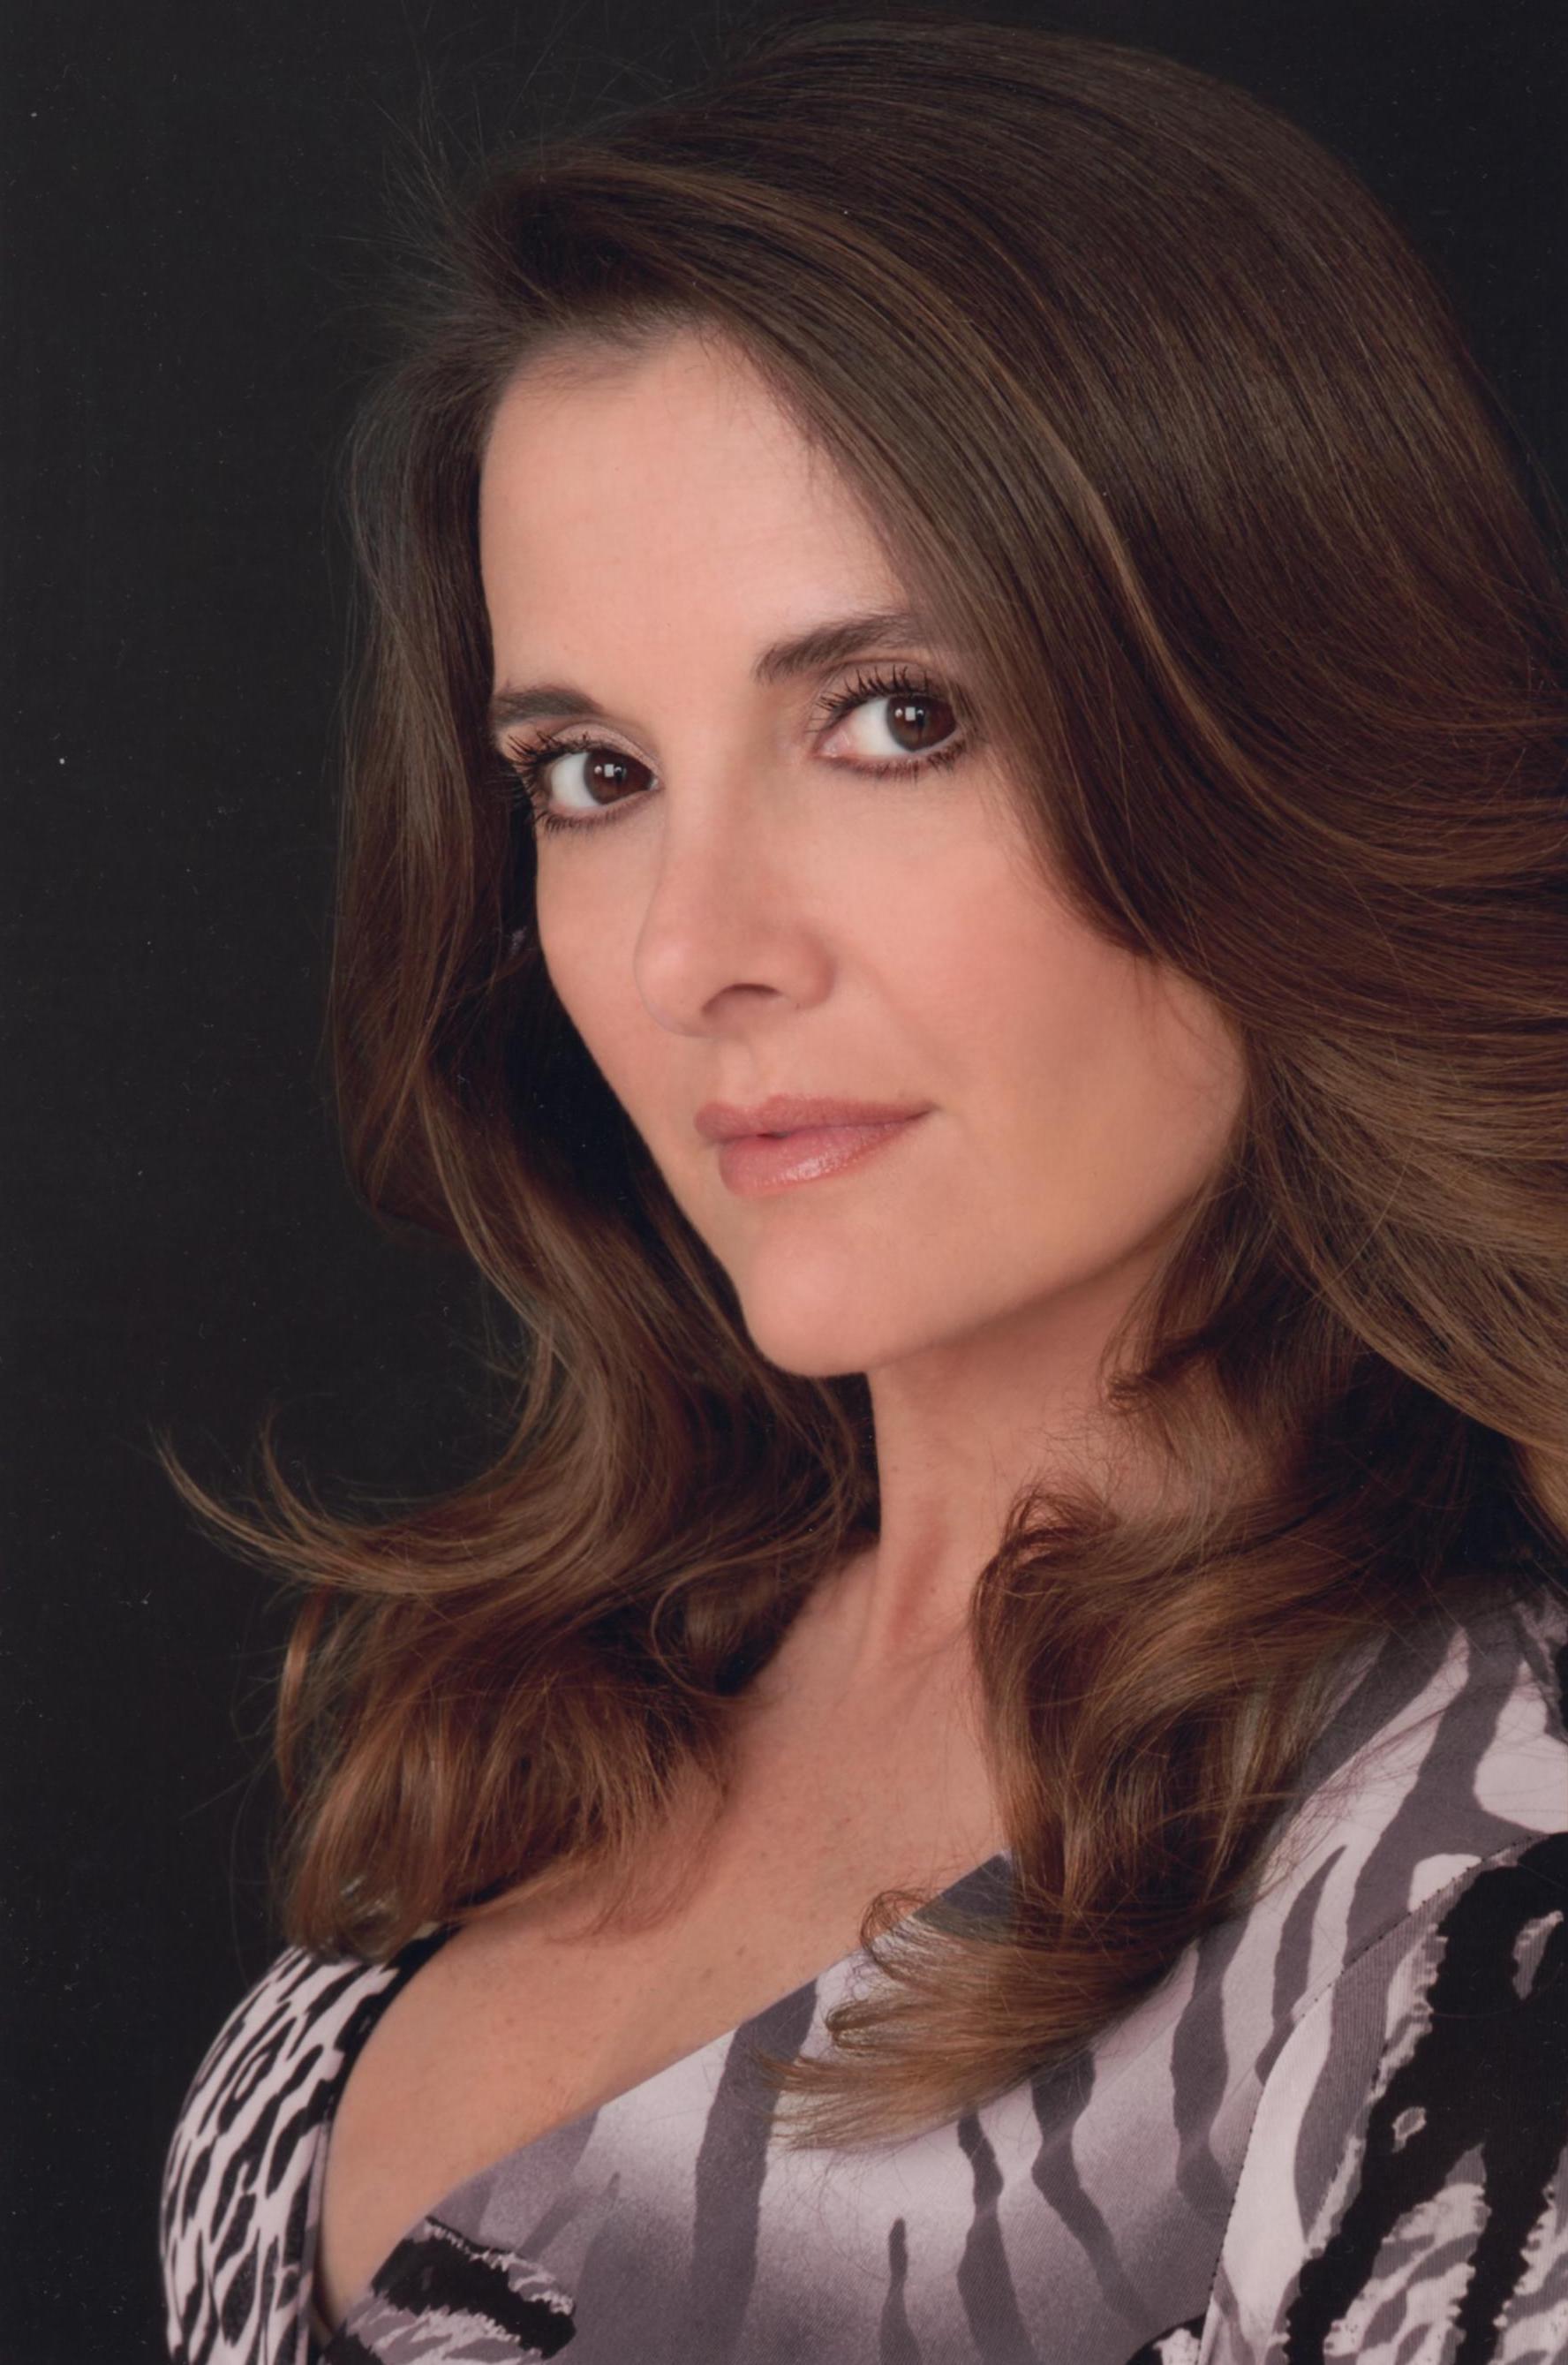 1a2628707 Fabiana Udenio | Jane the Virgin Wiki | FANDOM powered by Wikia